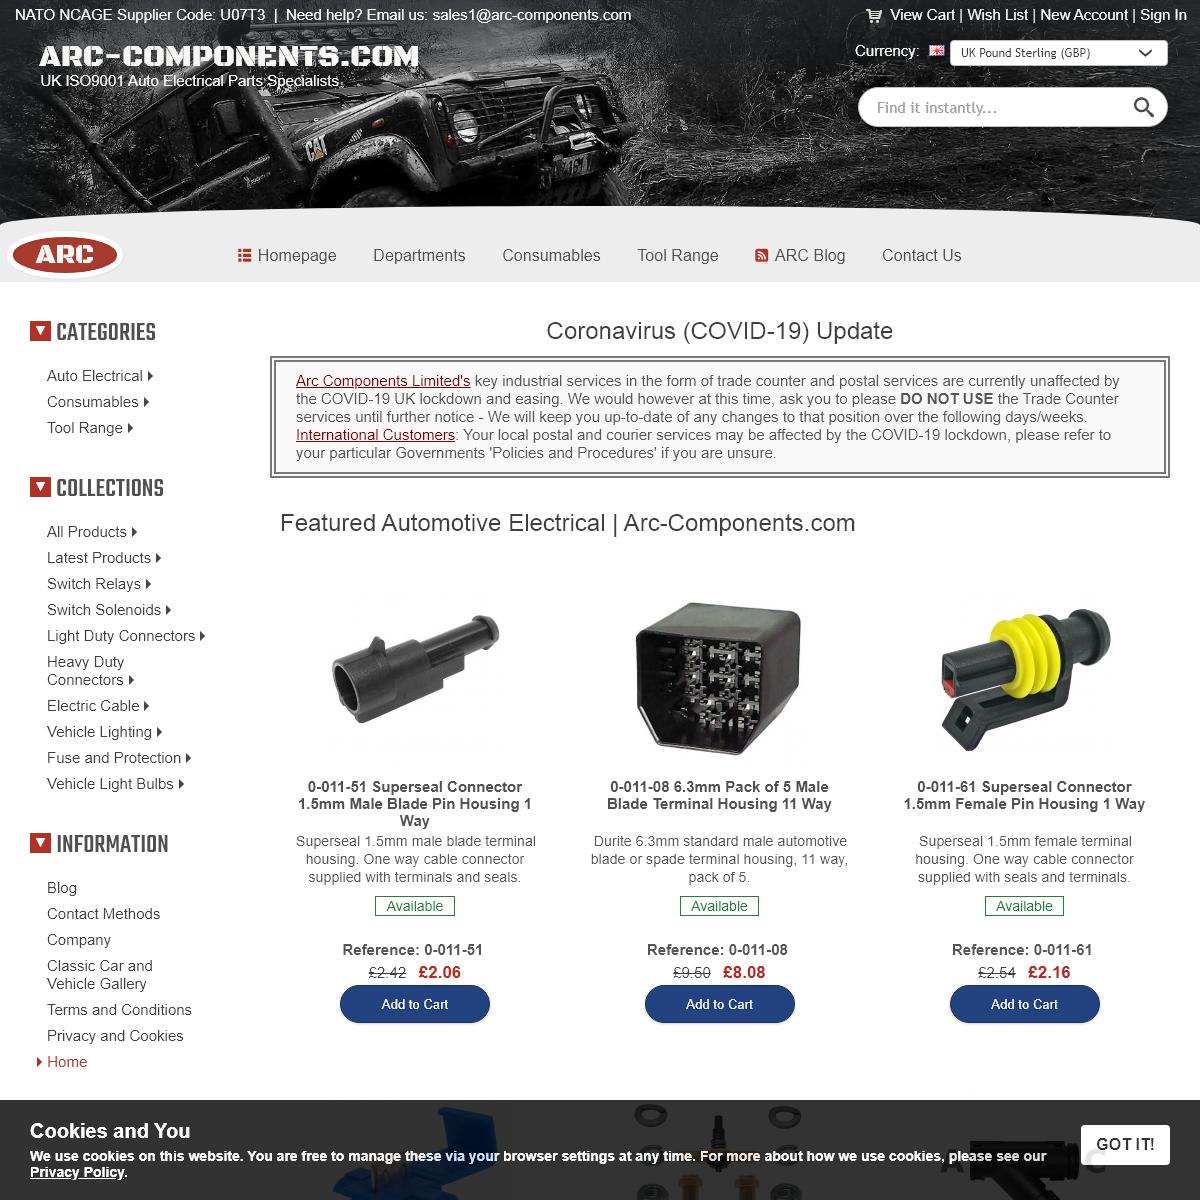 Arc Components Ltd - Auto Electric Home - Durite Parts Online